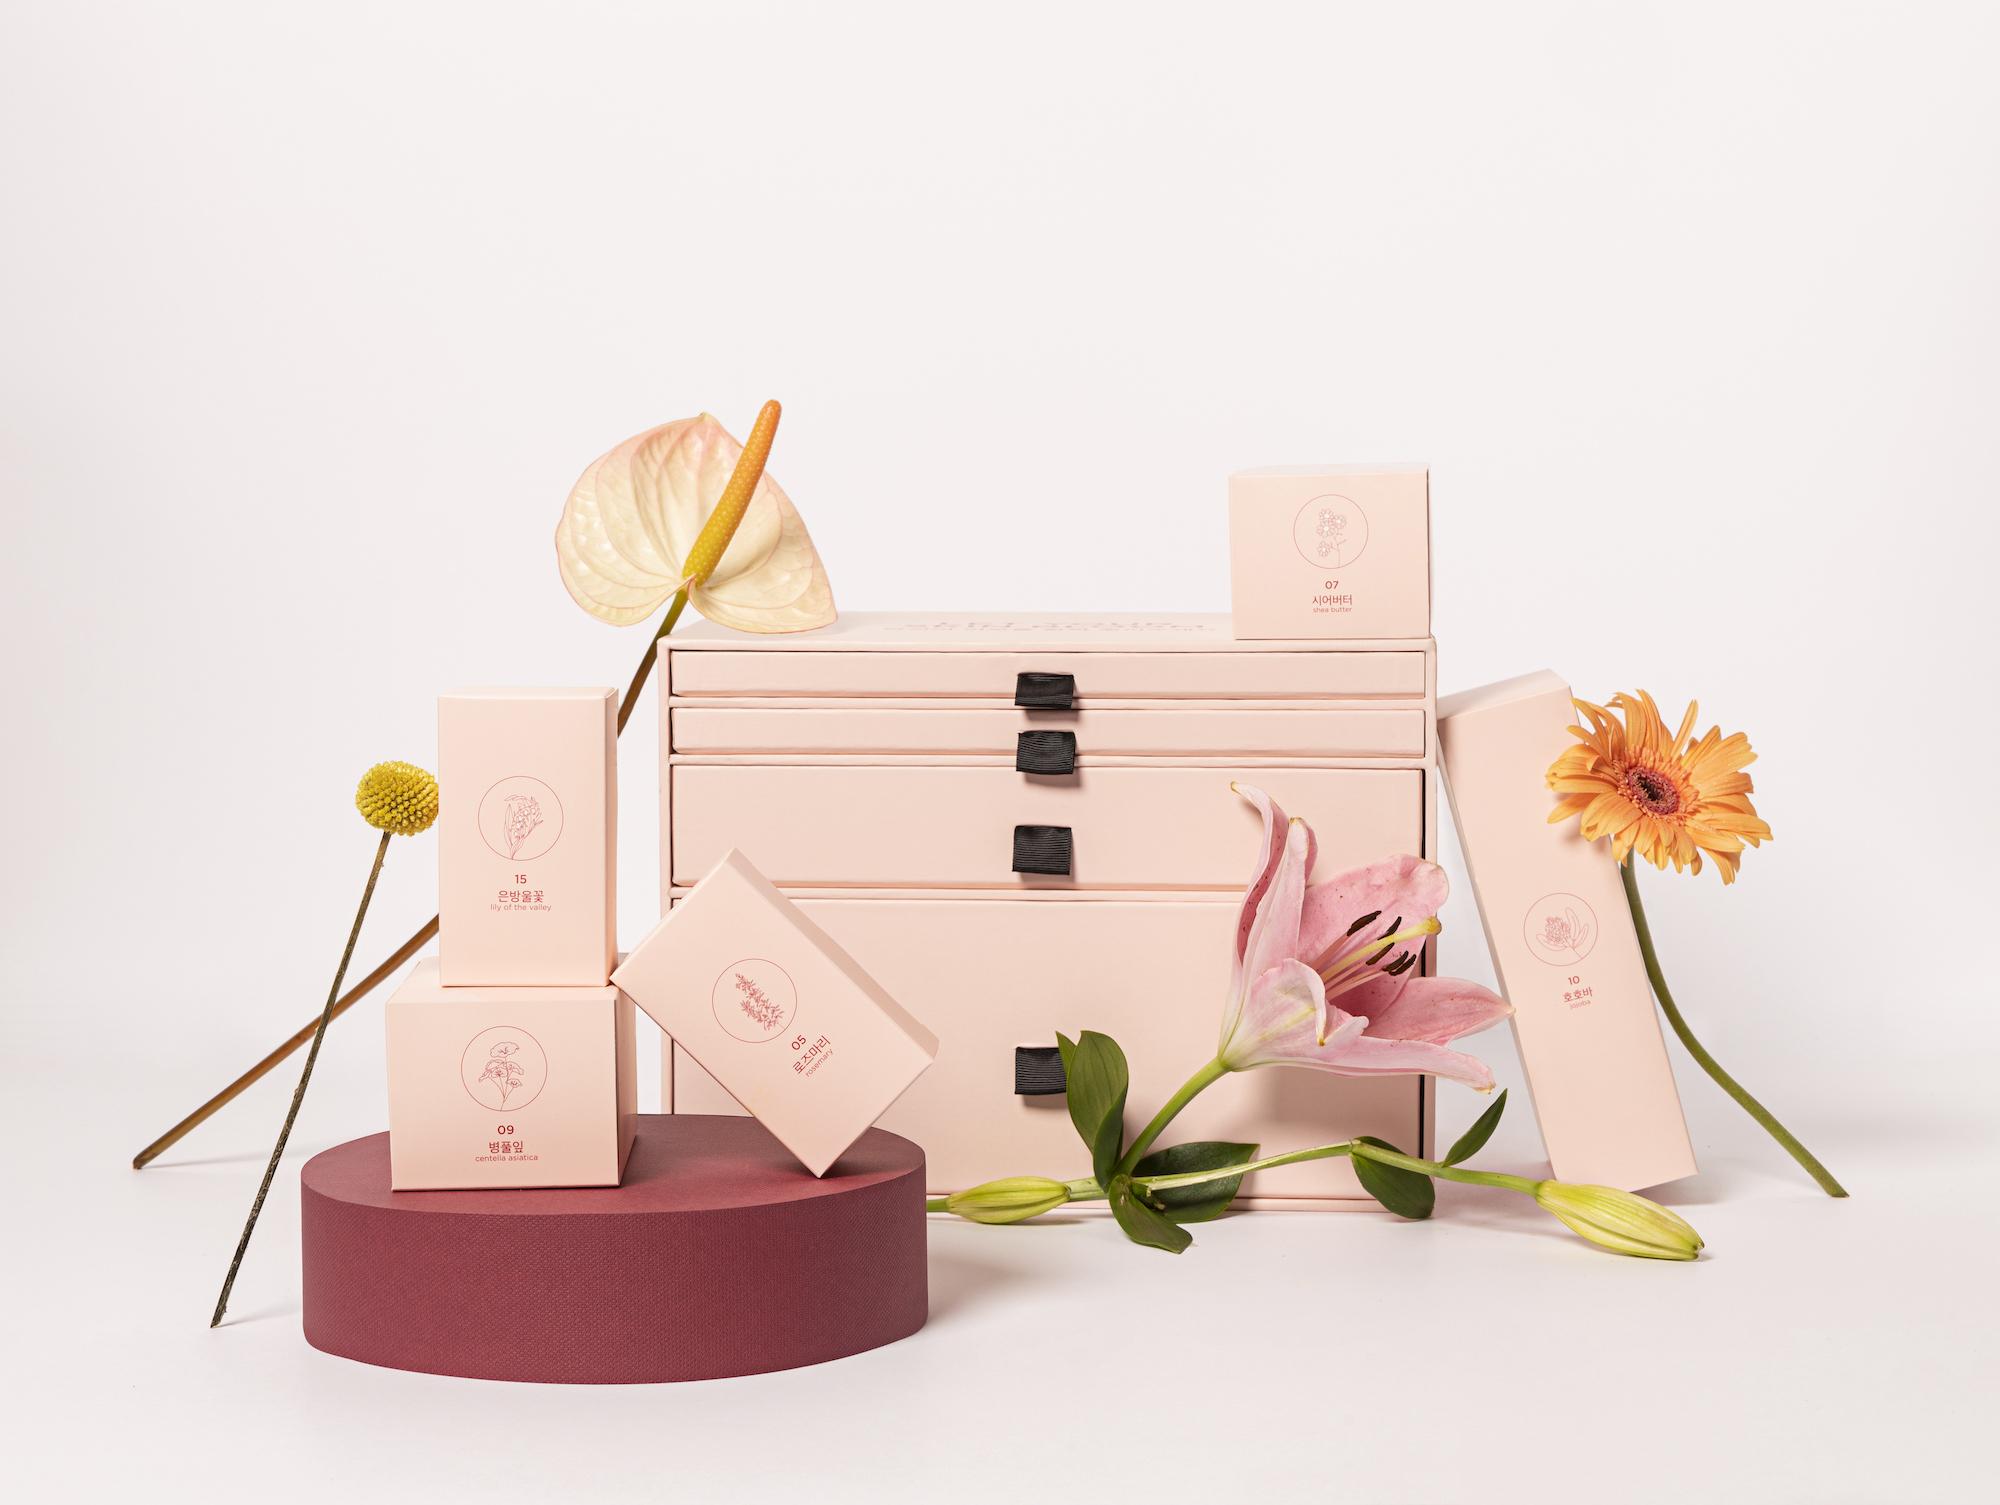 calendrier-de-l-avent-cosmetiques-coreens-miin-cosmetics-2021-avis-unboxing